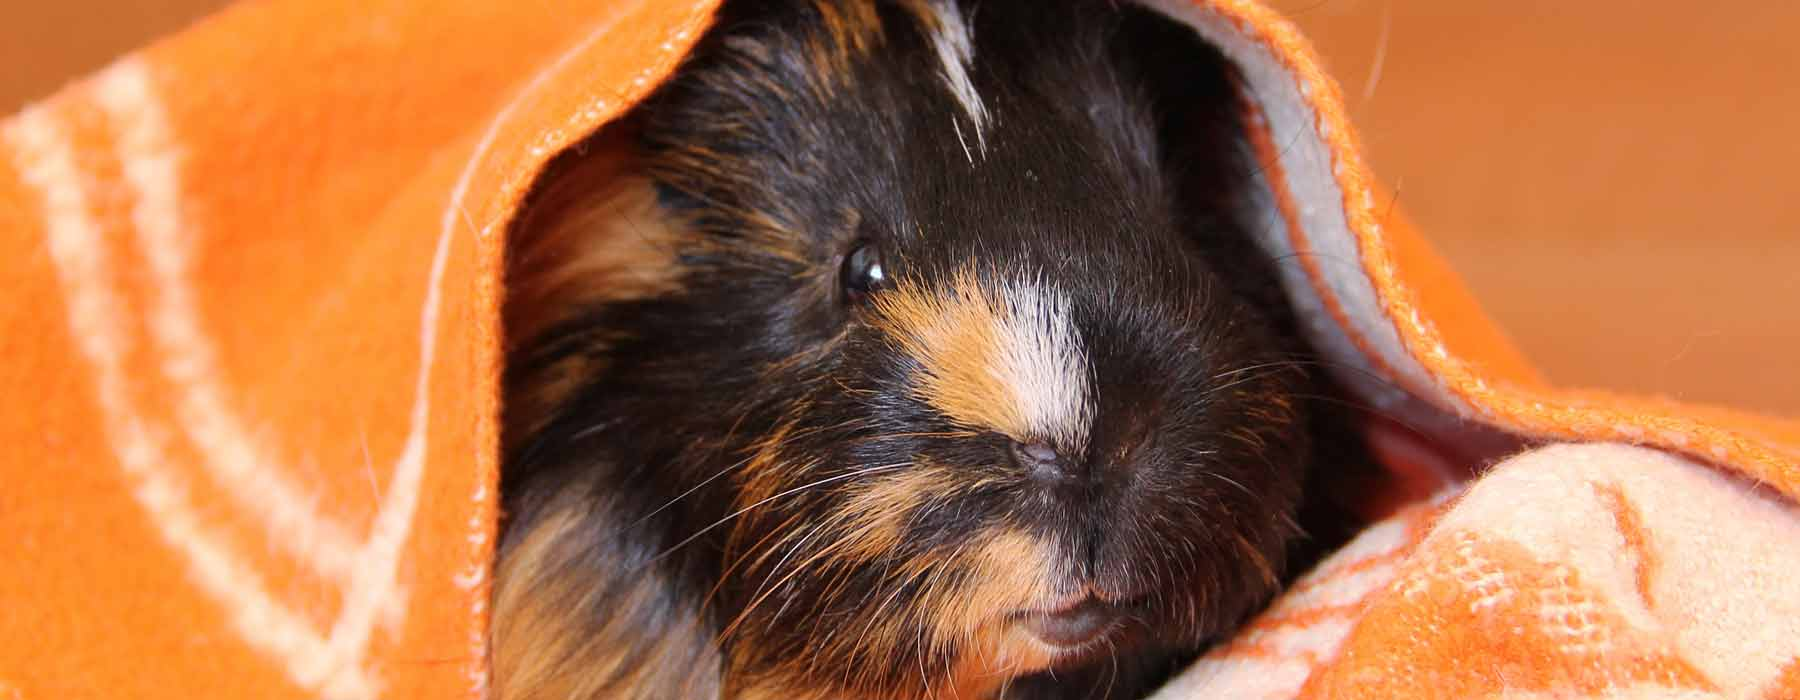 guinea pig hiding under fleece blanket